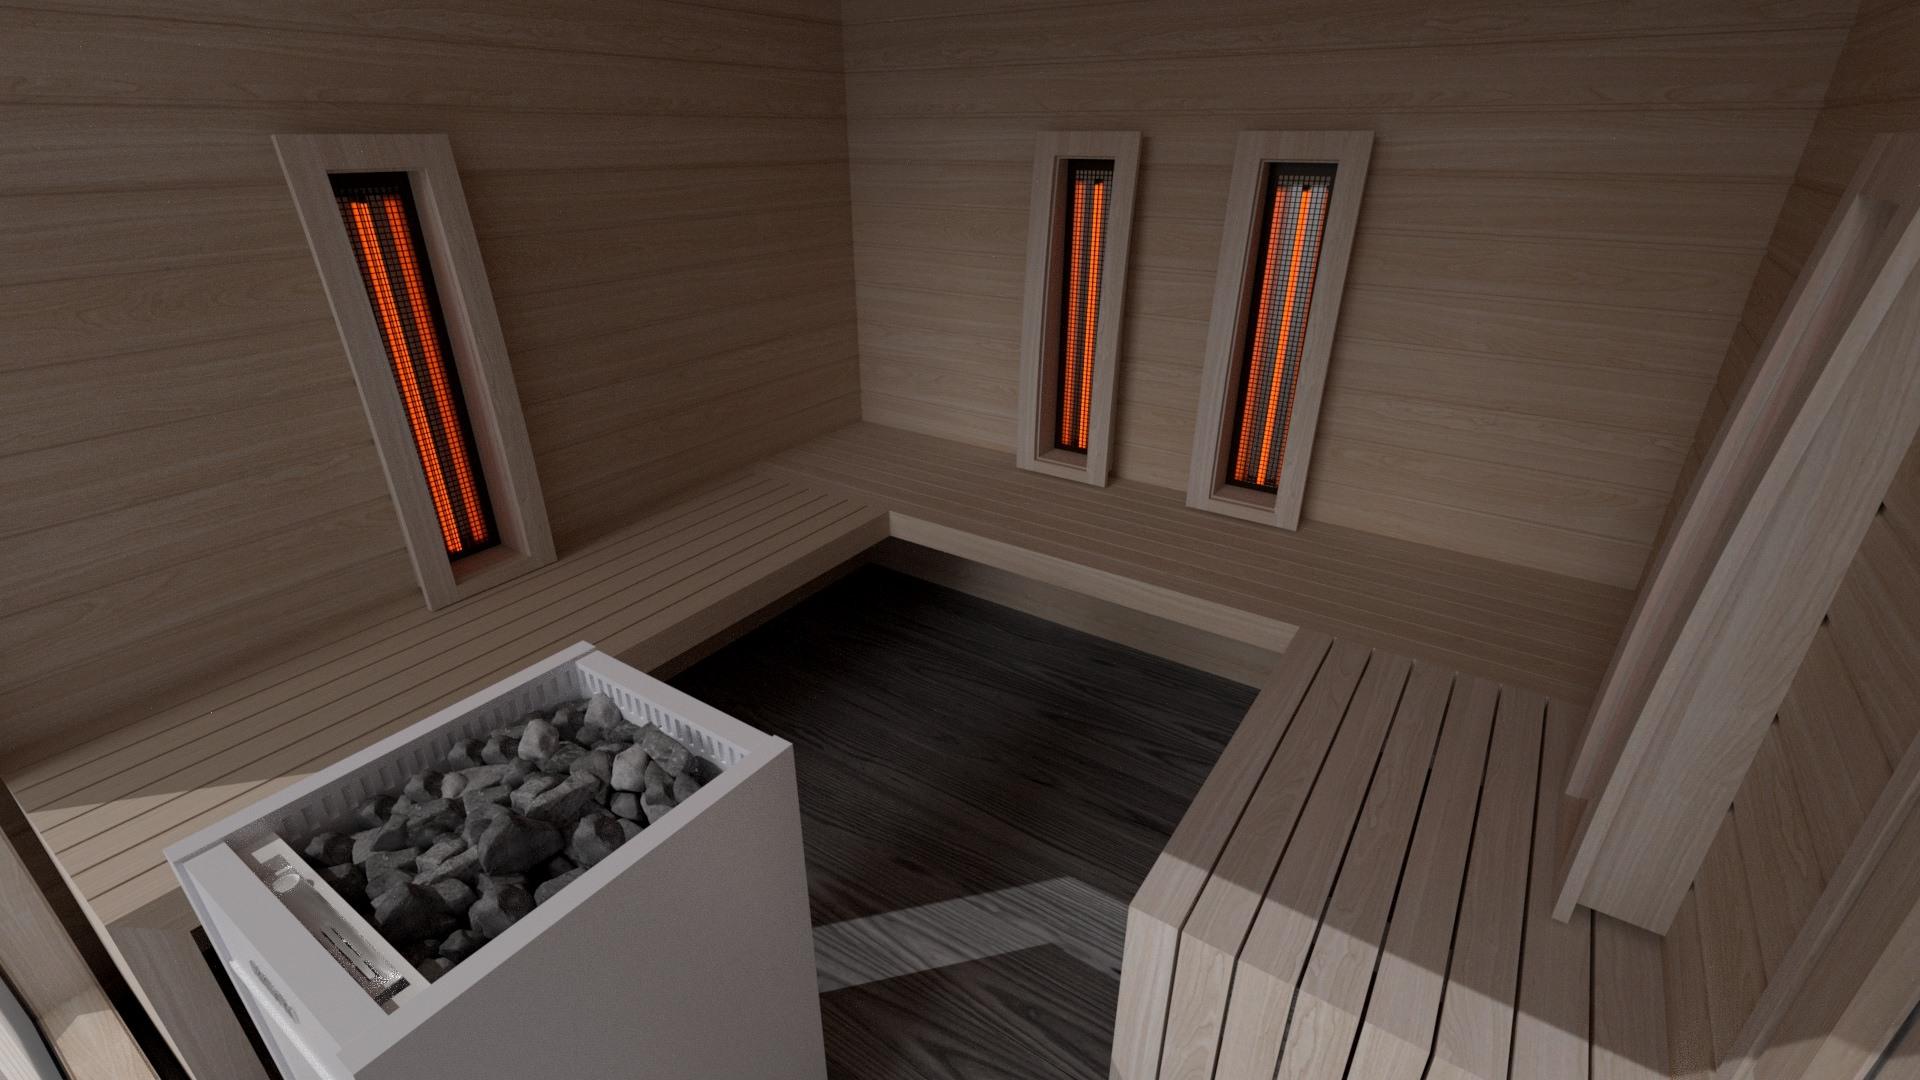 INUA Baldur Vitarium 1 – combined sauna-kombinierte Sauna